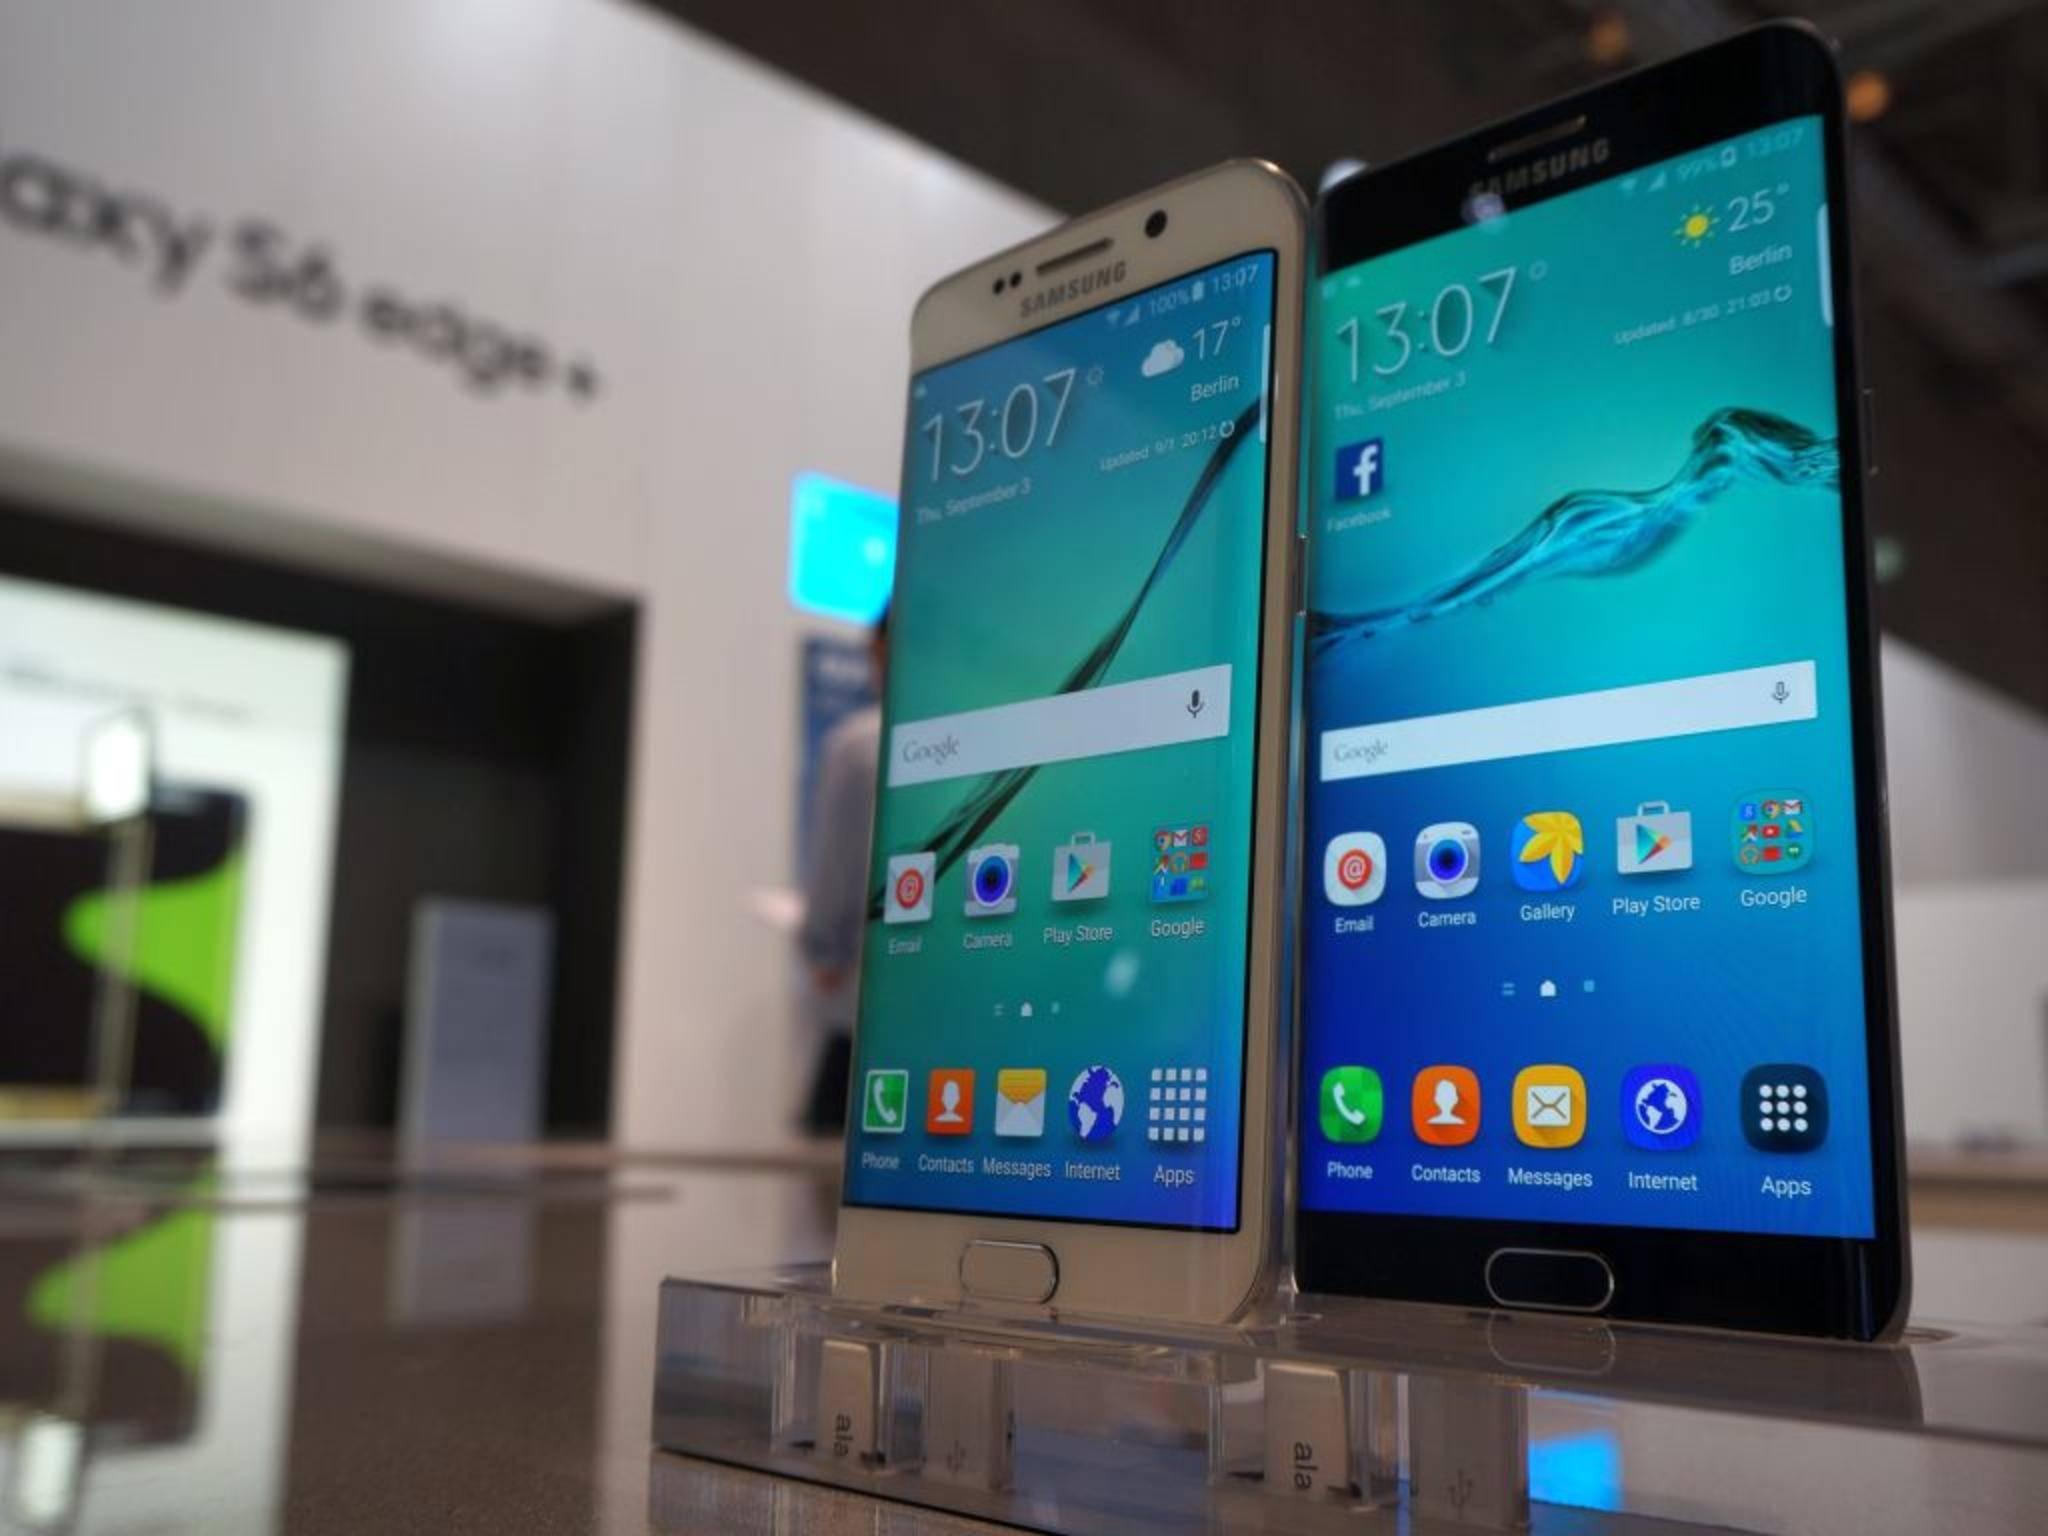 Der Rollout von Android 6.0.1 für die Galaxy S6-Smartphones läuft an.